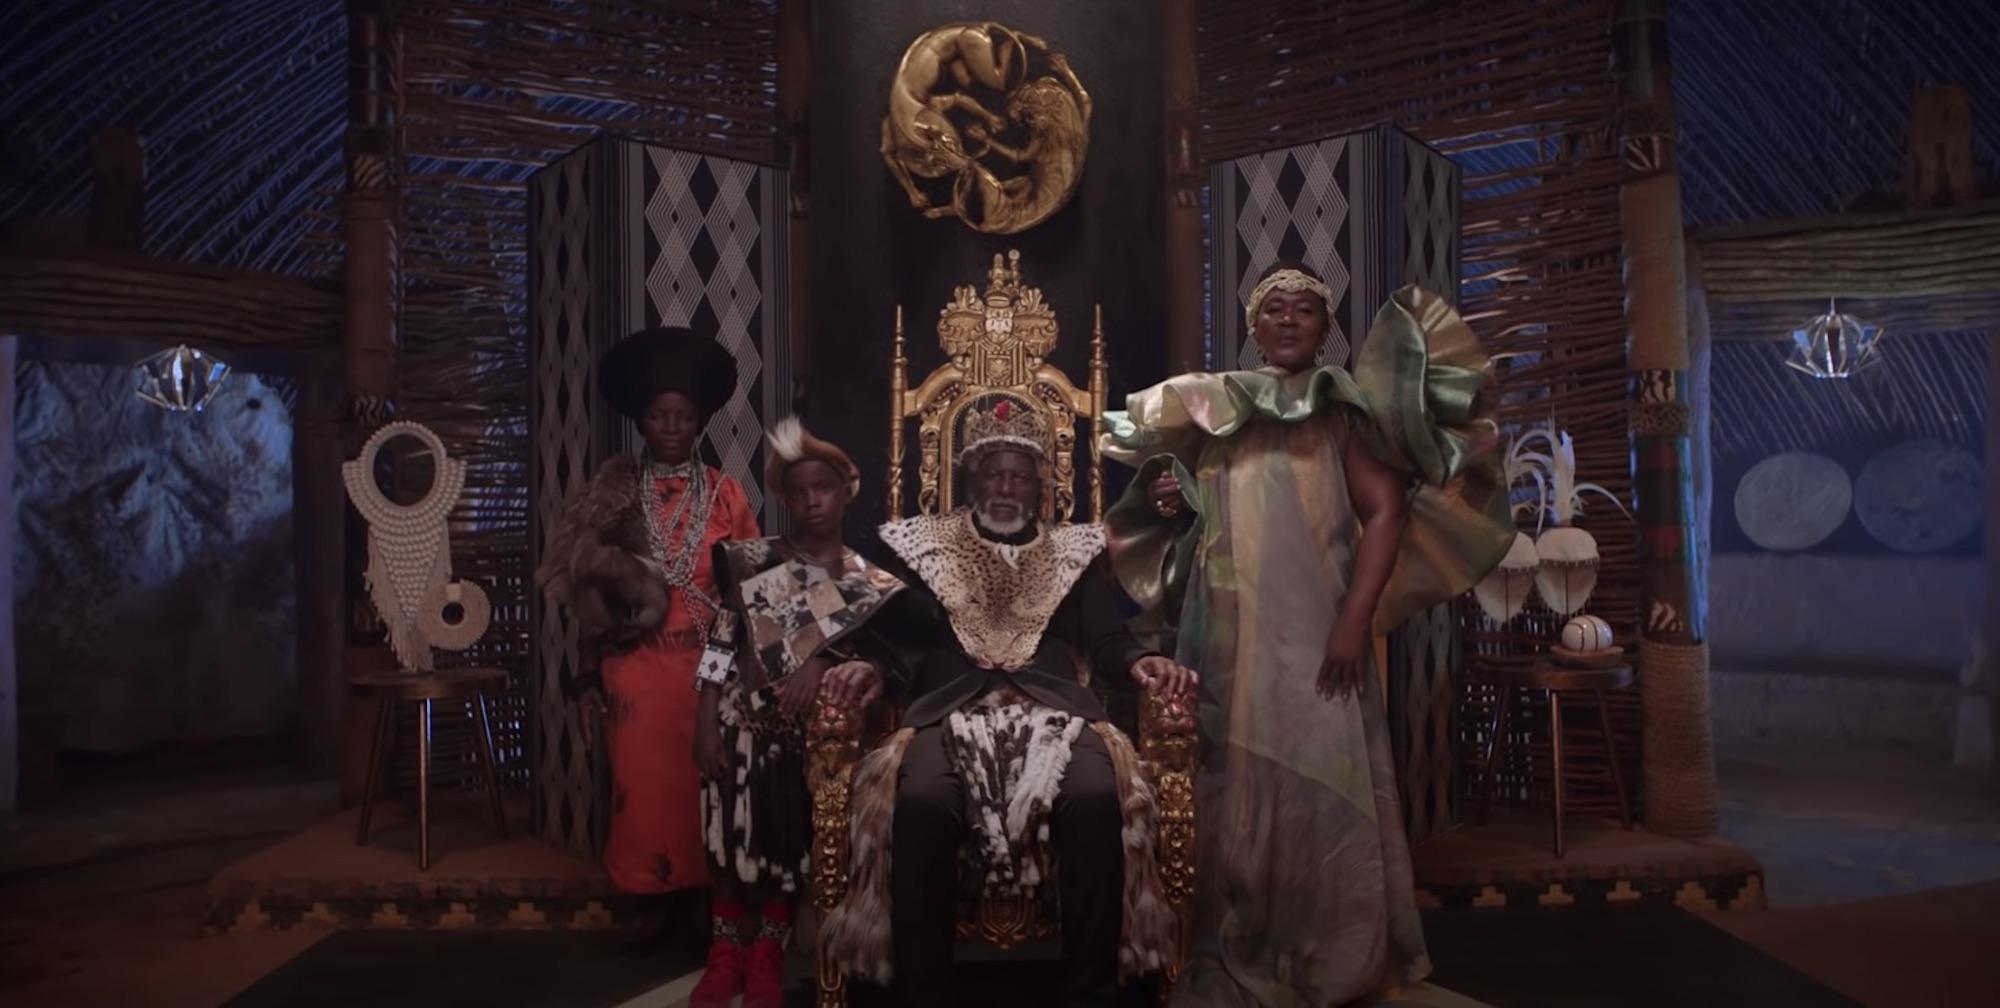 A imagem é uma foto de uma das cenas de Black Is King. Nela, há um homem negro, com barba branca, sentado em um trono. Ele está com uma coroa em sua cabeça e veste roupas de realeza que remetem à cultura africana. Ao seu lado direito, há um menino negro, e, ao lado esquerdo, há uma mulher negra. Ambos vestem roupas de realeza. Mais ao fundo, atrás do menino, há uma mulher negra com trajes da cultura africana.